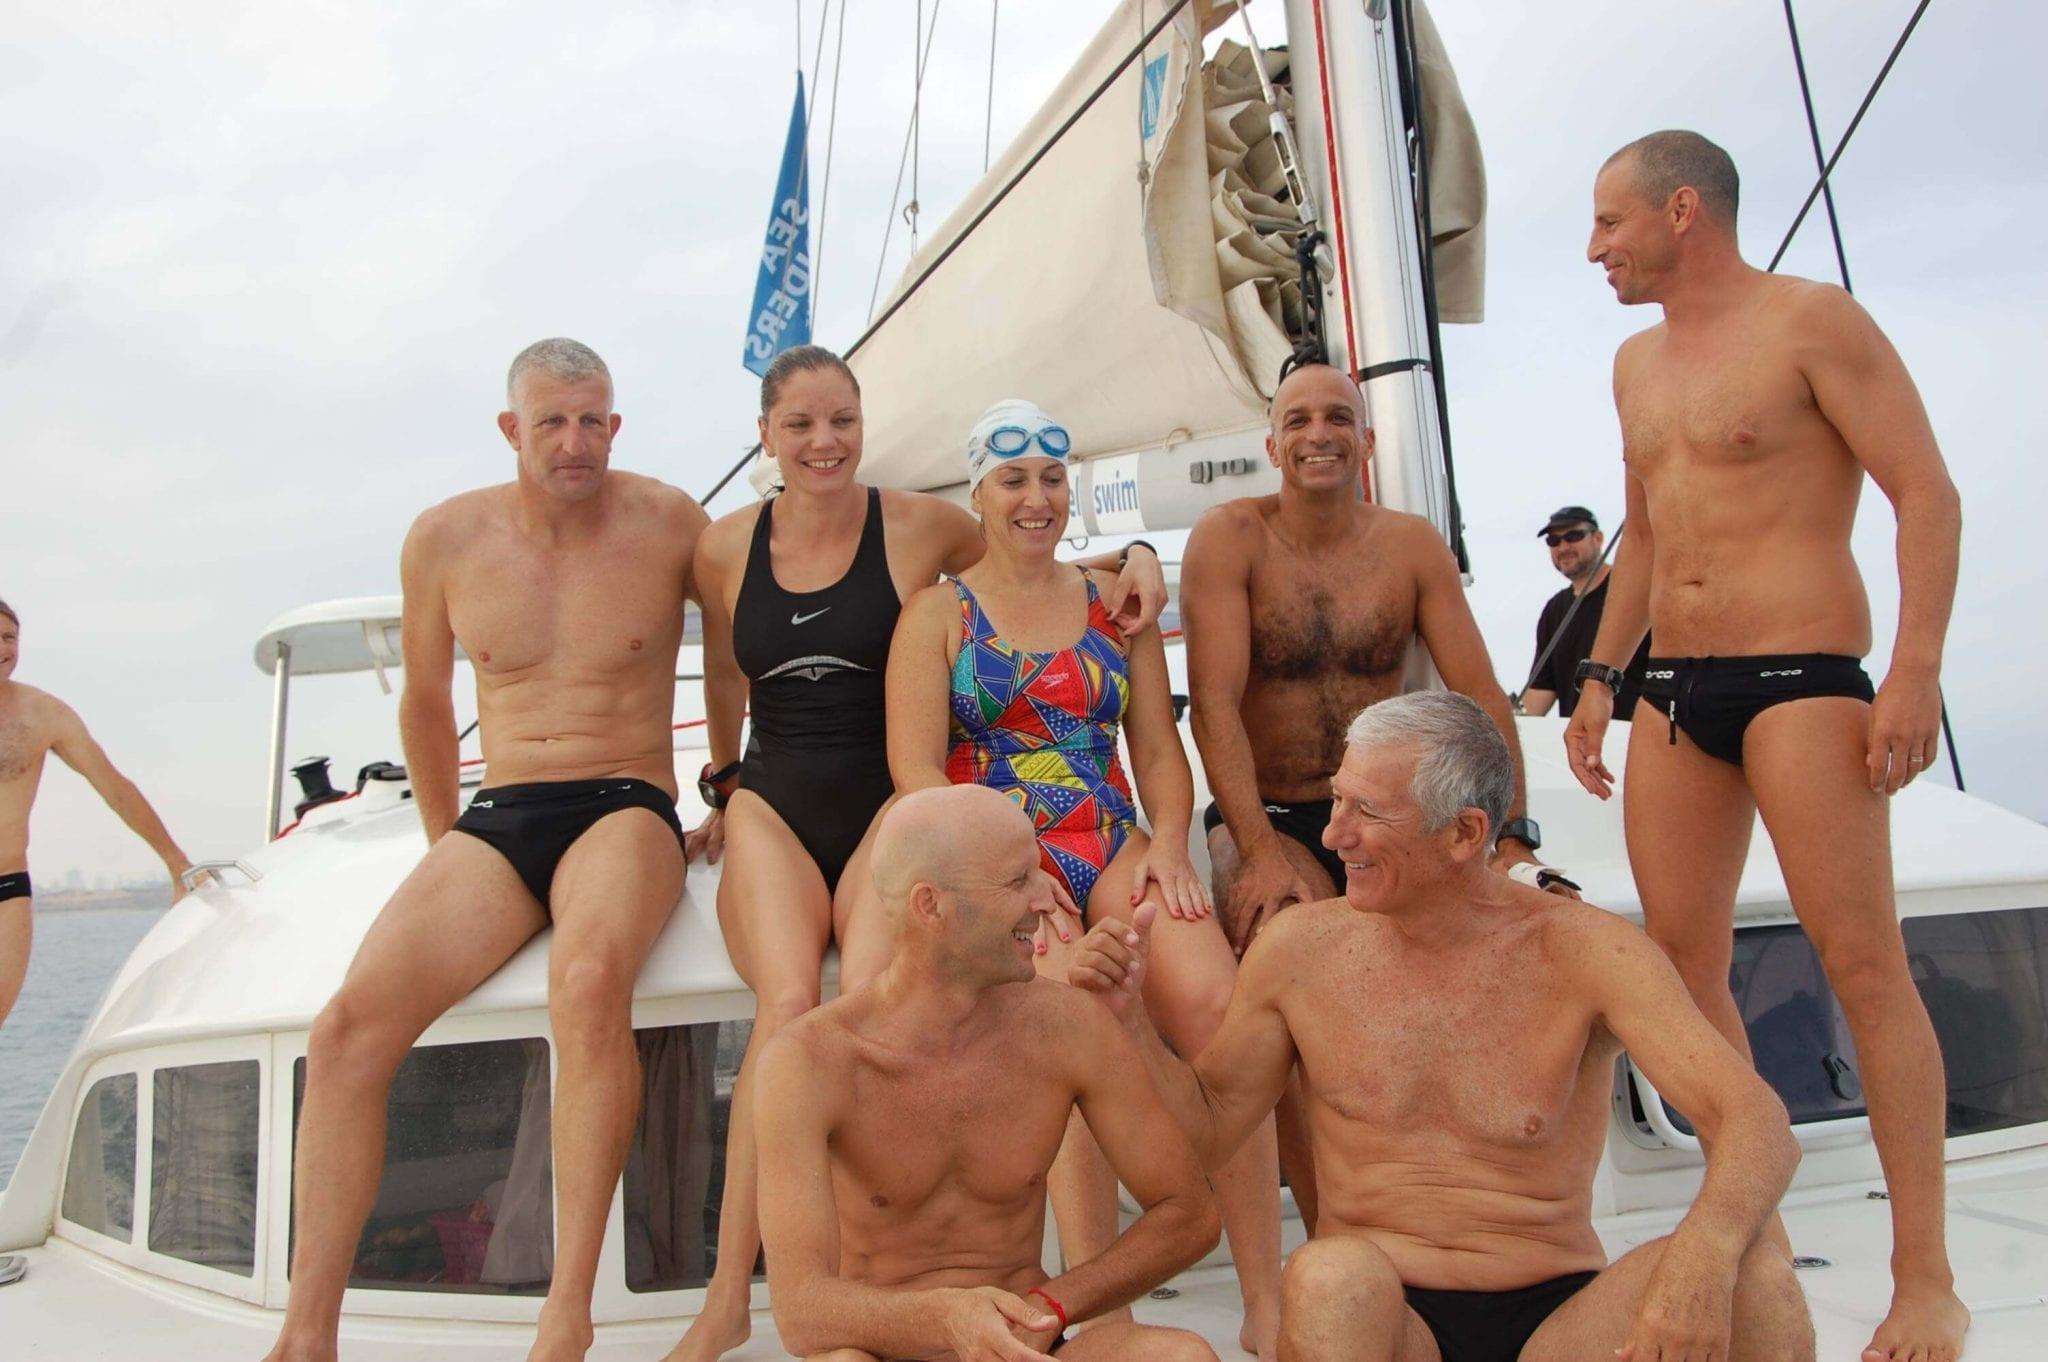 first swim meet tips